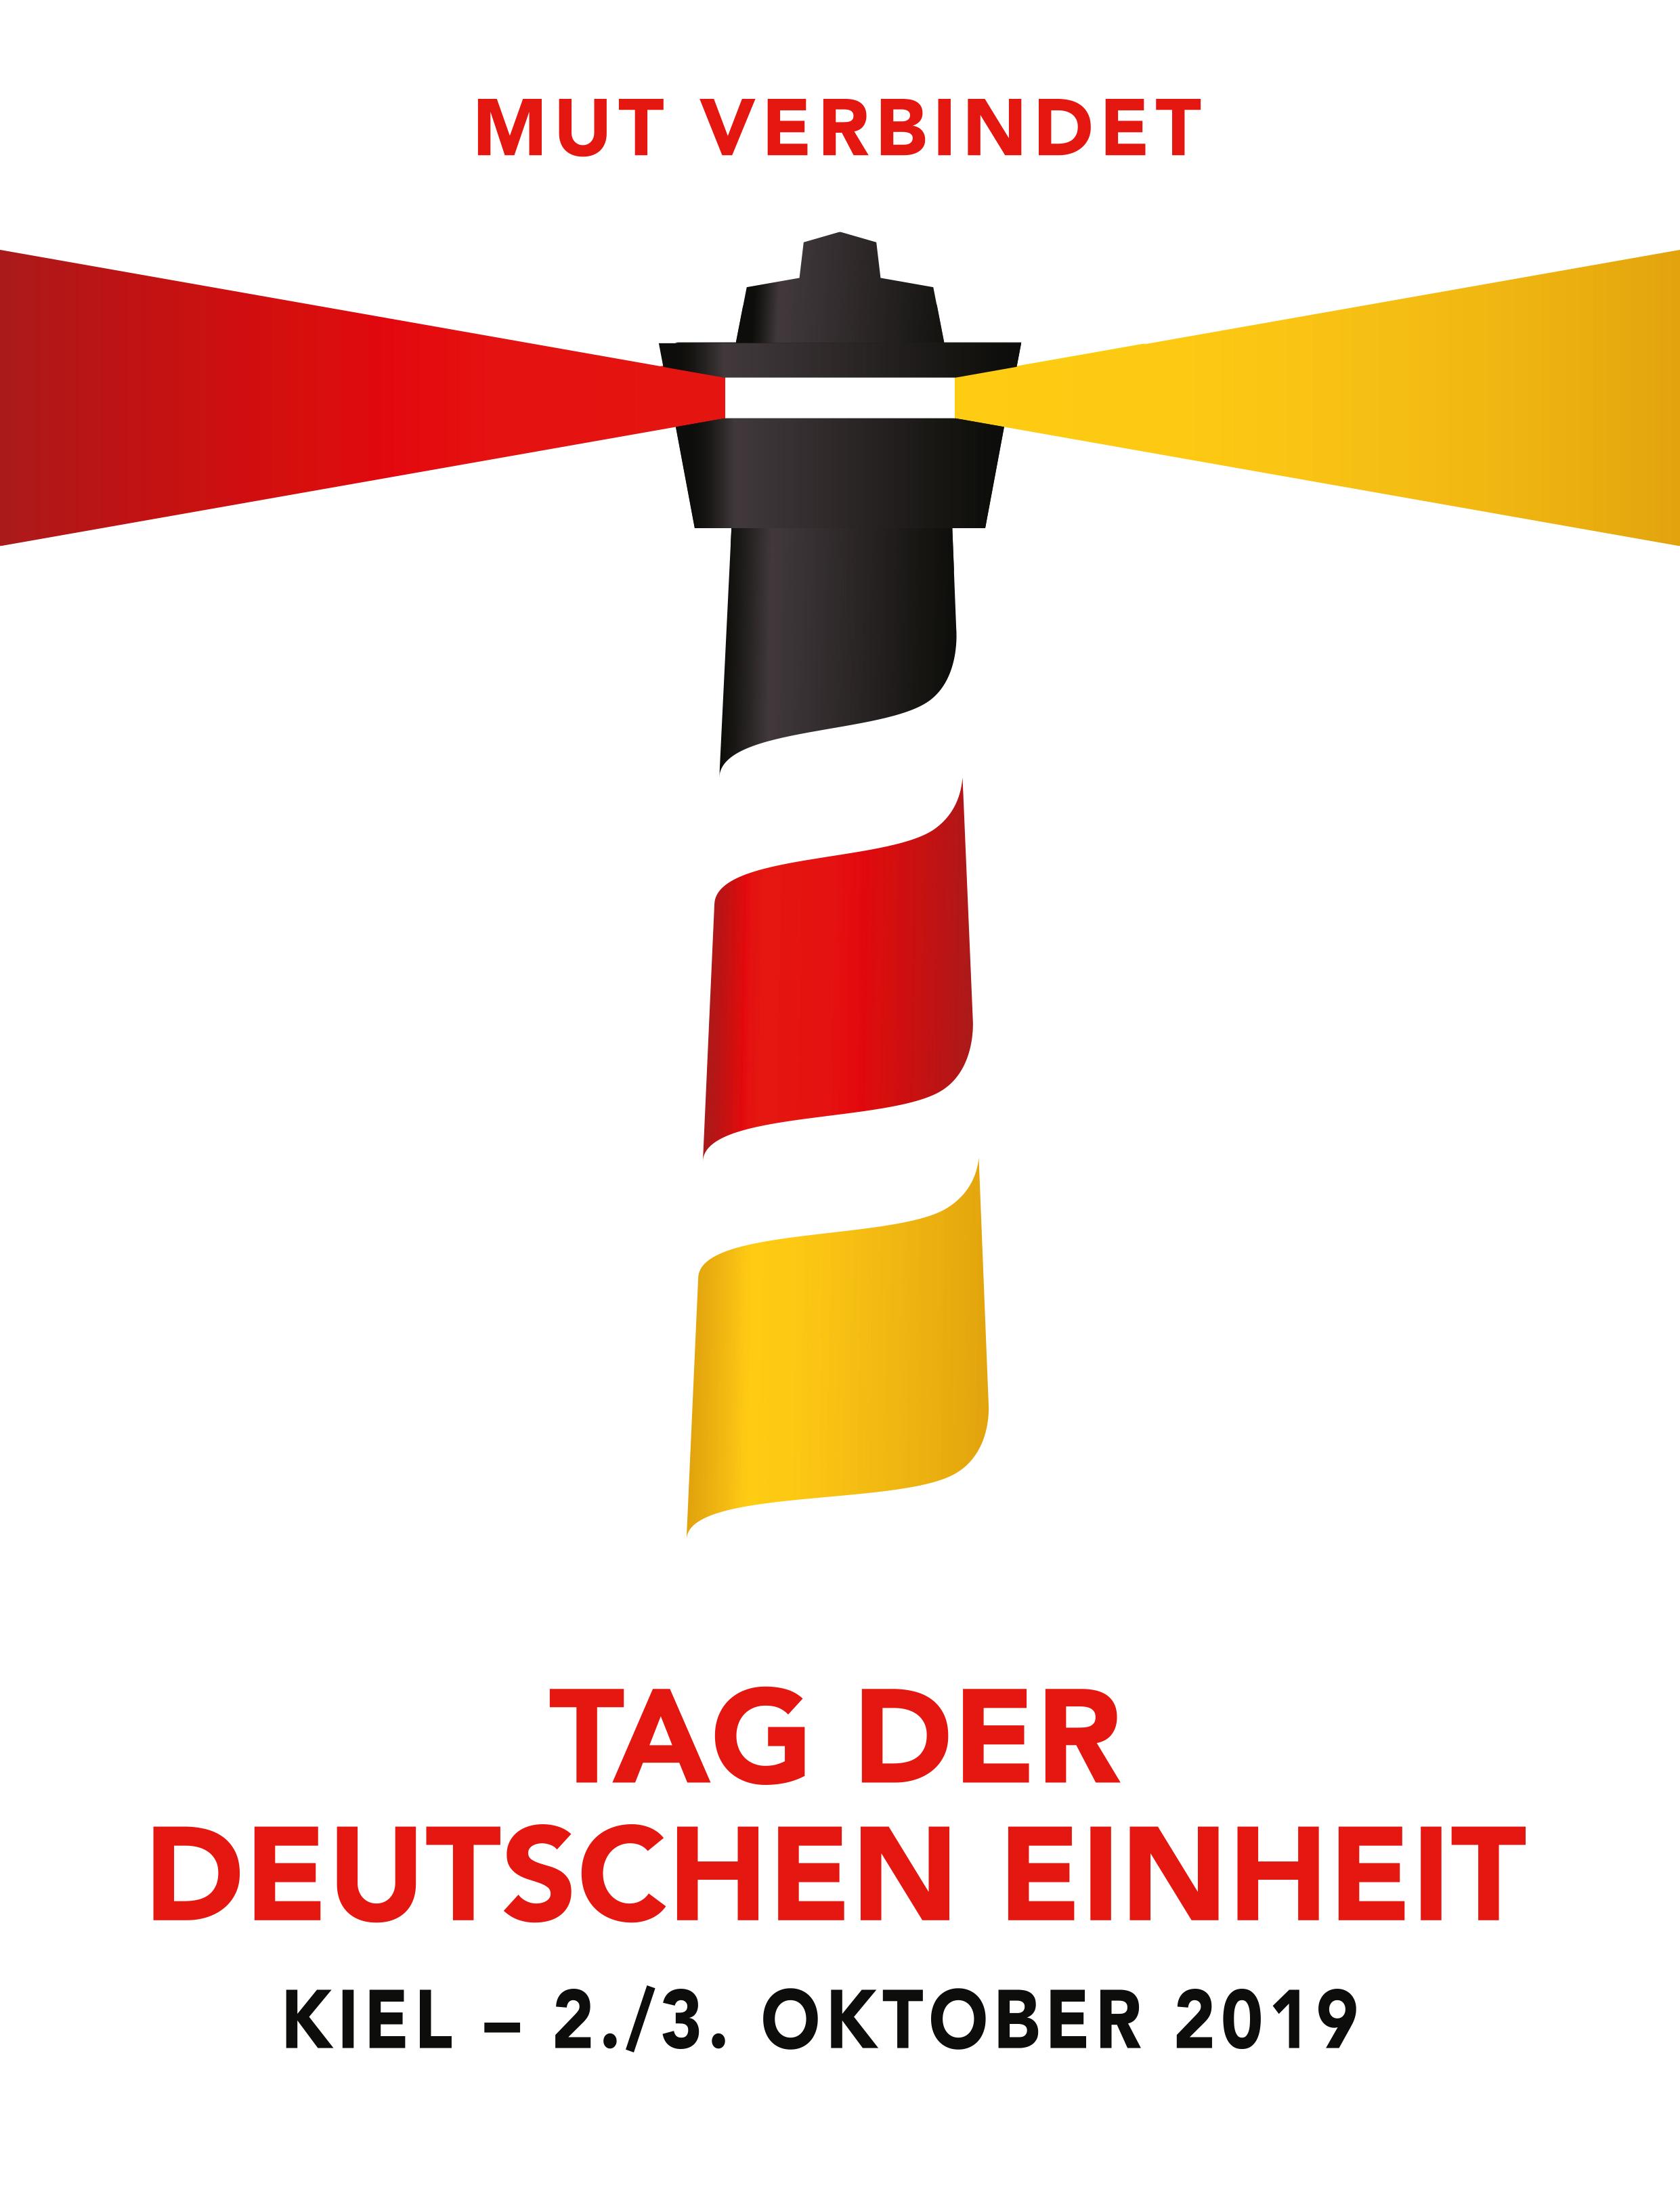 """""""Mut zur Vielfalt und Solidarität"""" ist unser Motto zum """"Tag der Deutschen Einheit 2019"""""""